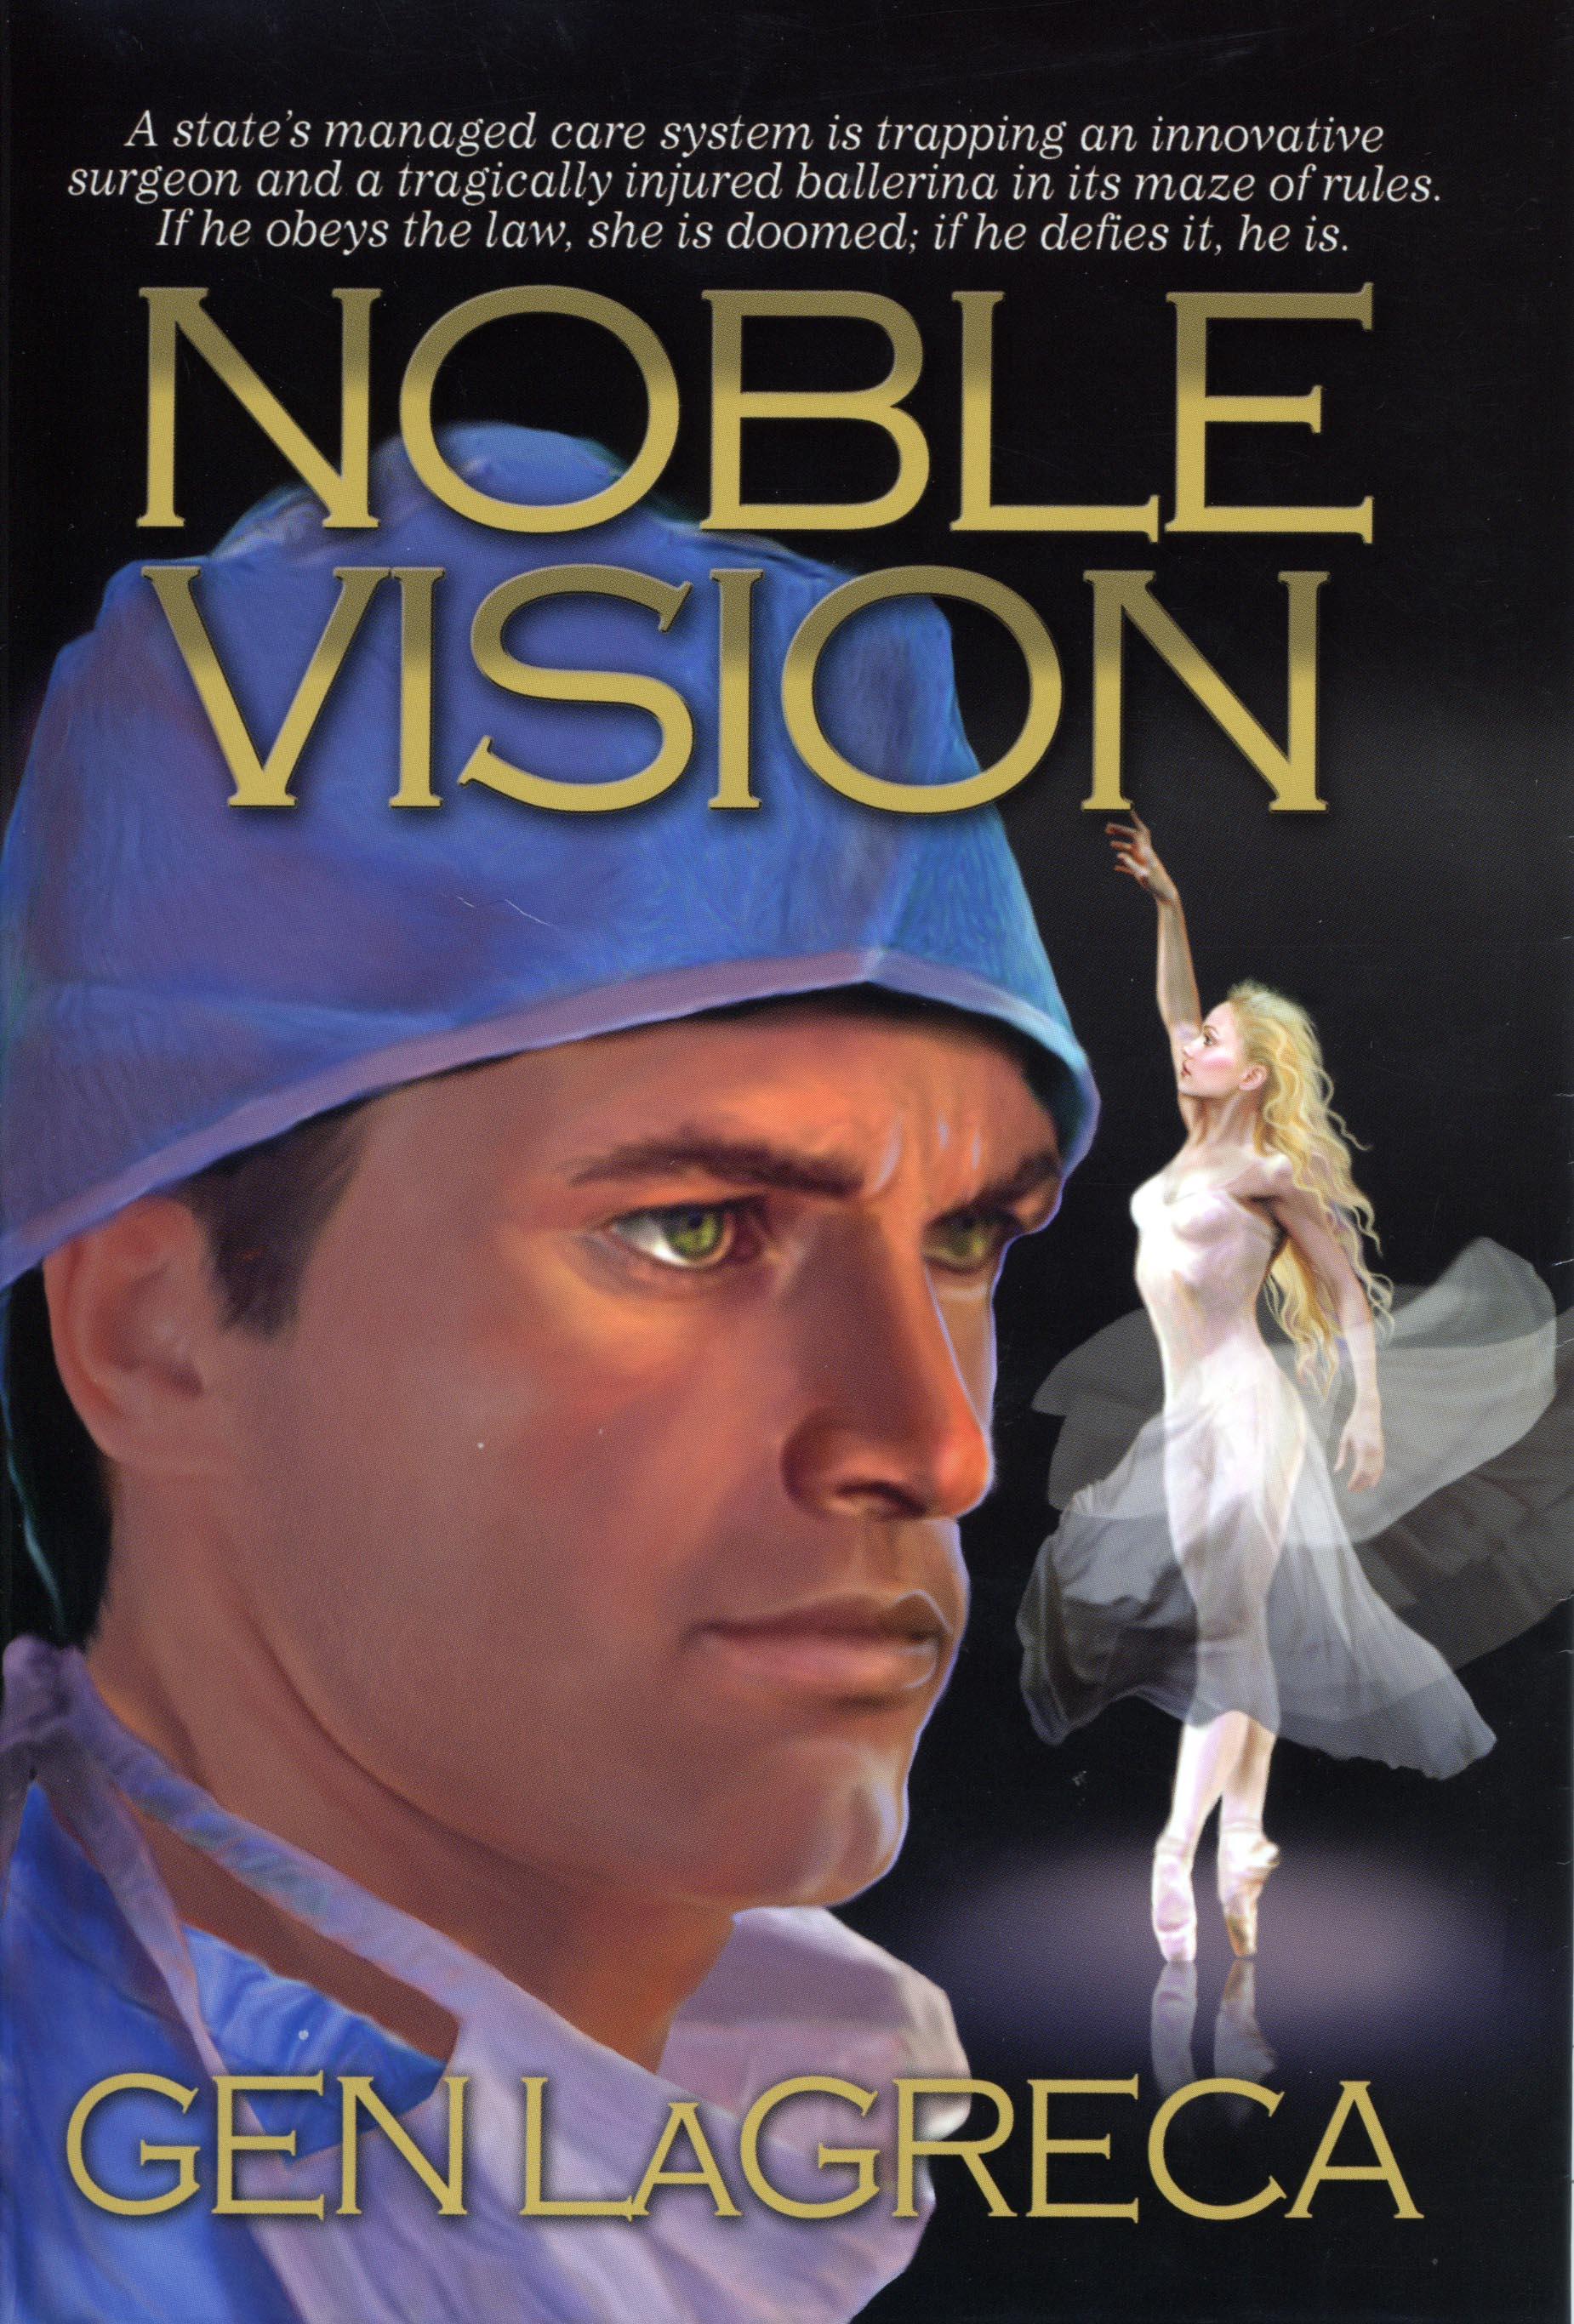 NobleVision CLOTH 300 dpi